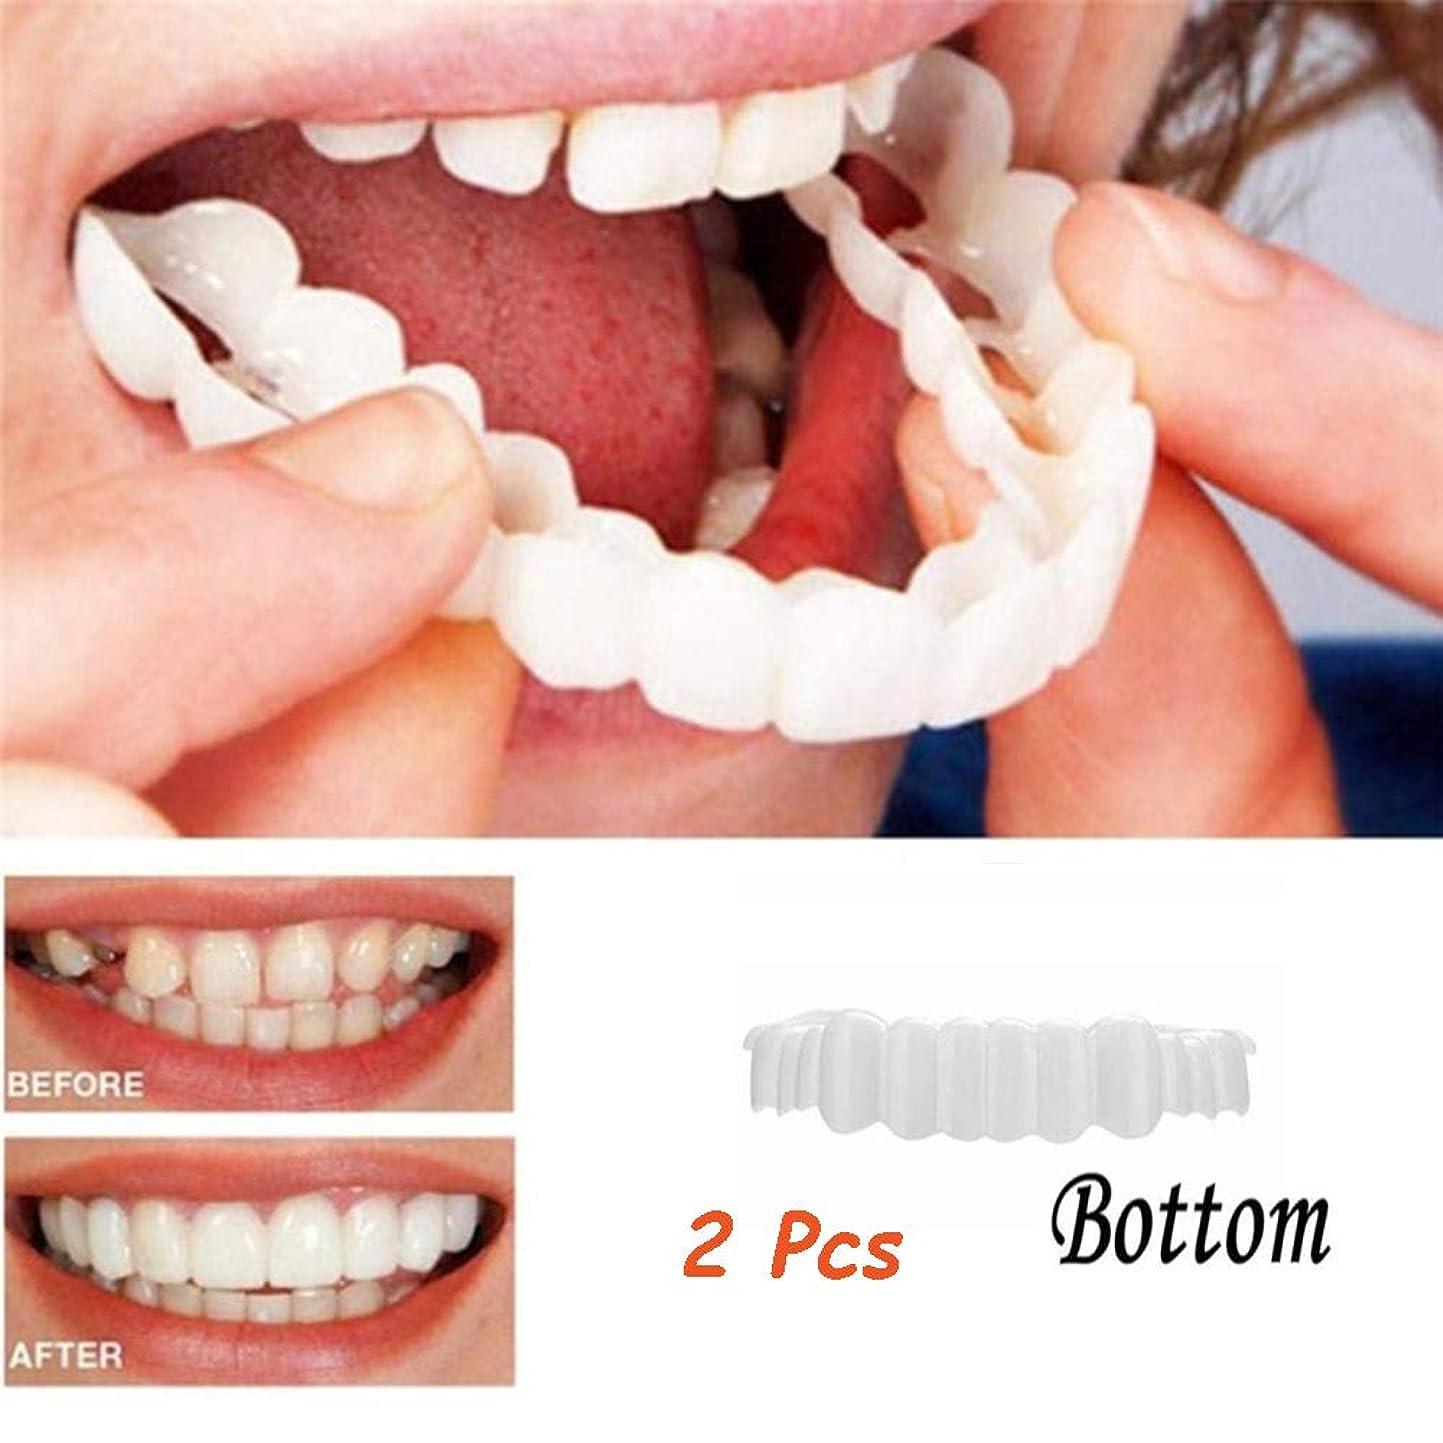 ドライバ遅れ急ぐ2本パーフェクトスマイル義歯化粧用ボトムティースホワイトニング偽の歯のカバーコンフォートフィットスナップオンシリコンビューティーベニヤティース最も快適な義歯ケア(下)